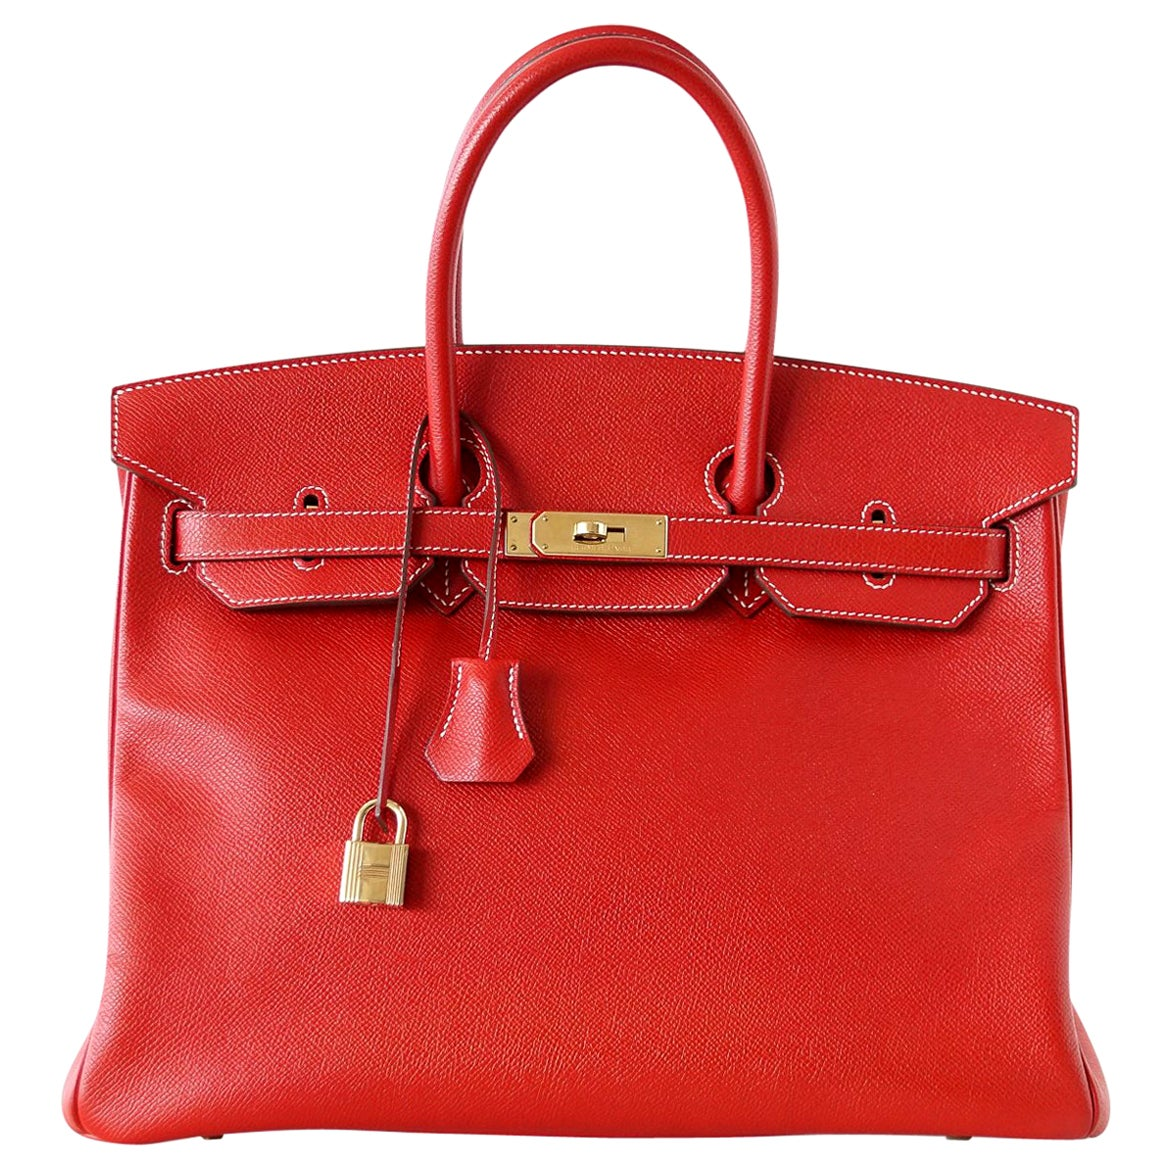 Hermes Rouge Casaque Candy Limited Edition Epsom Birkin 35 Bag